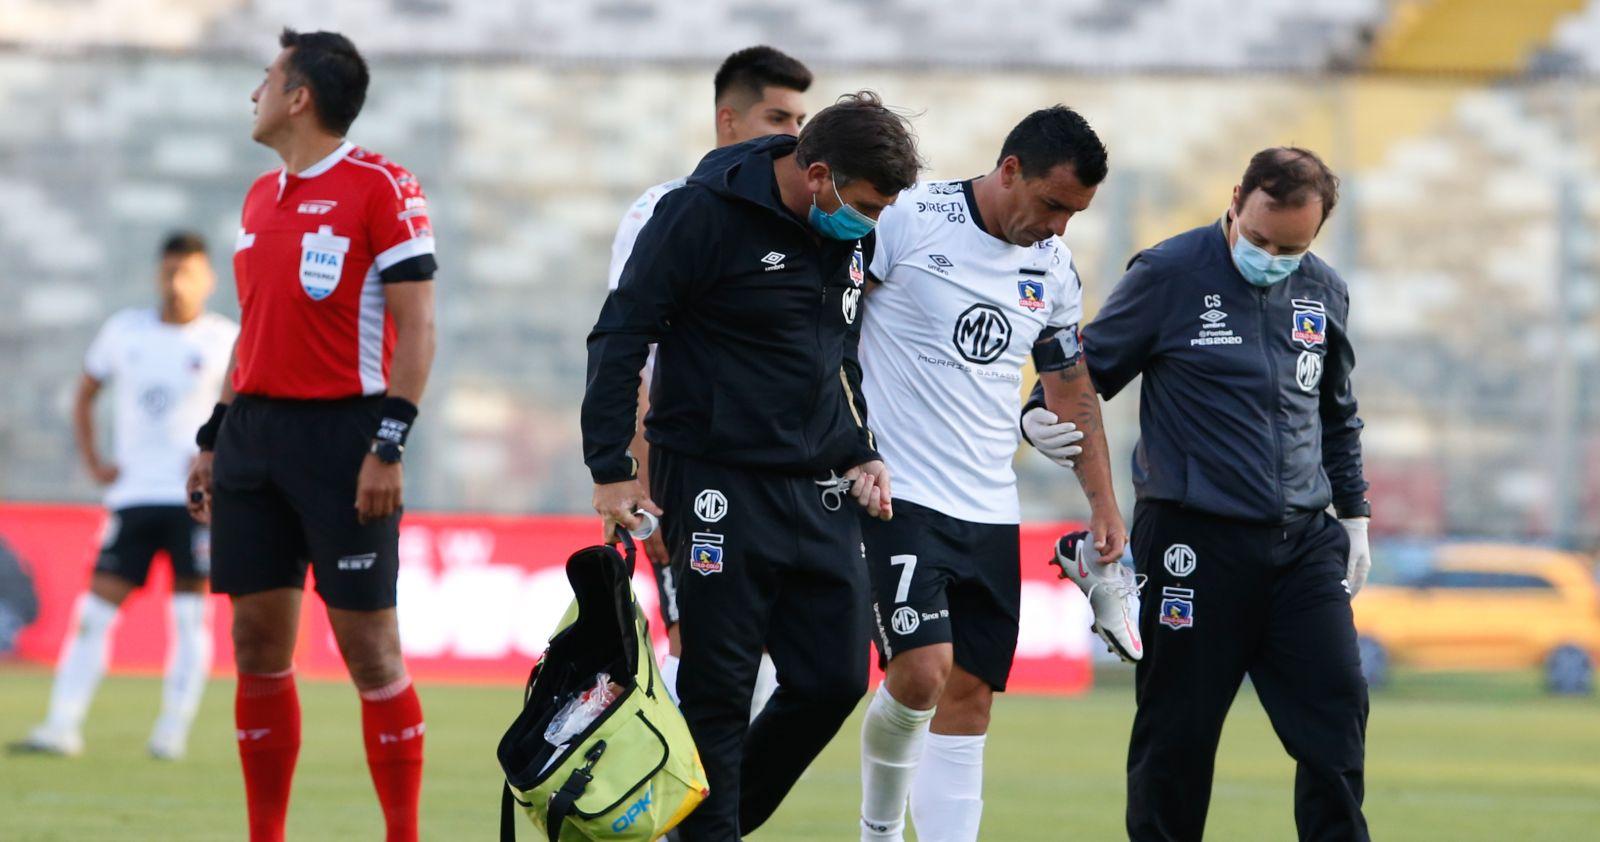 Esteban Paredes sufrió una fractura en el pie izquierdo y será baja para Colo Colo